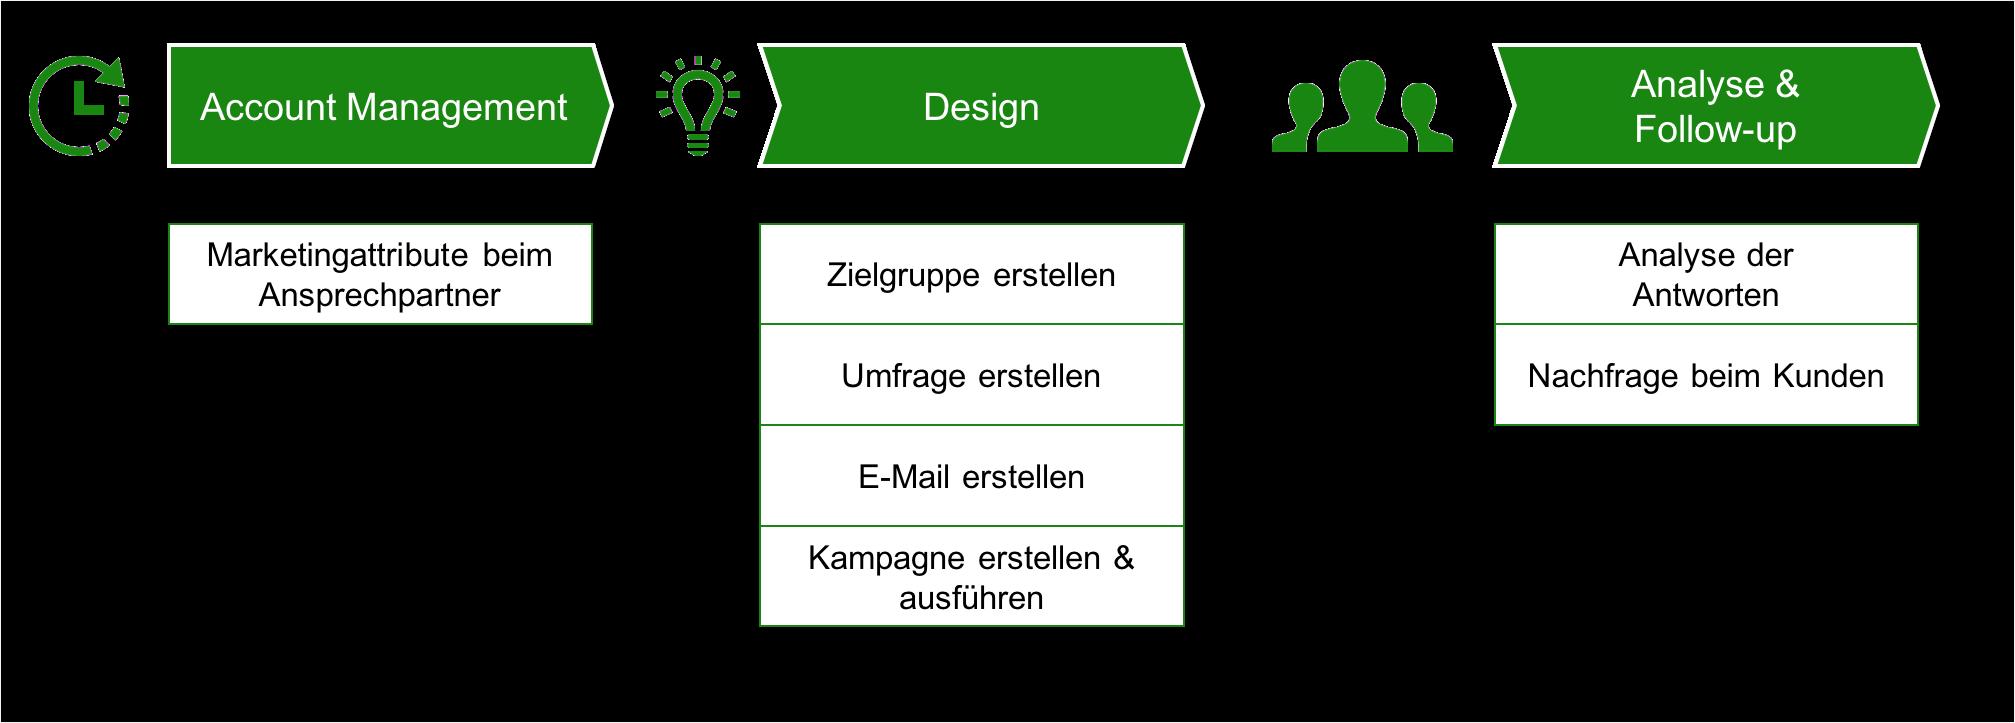 Prozess in C4C zur Erstellung einer Kundenzufriedenheitsumfrage